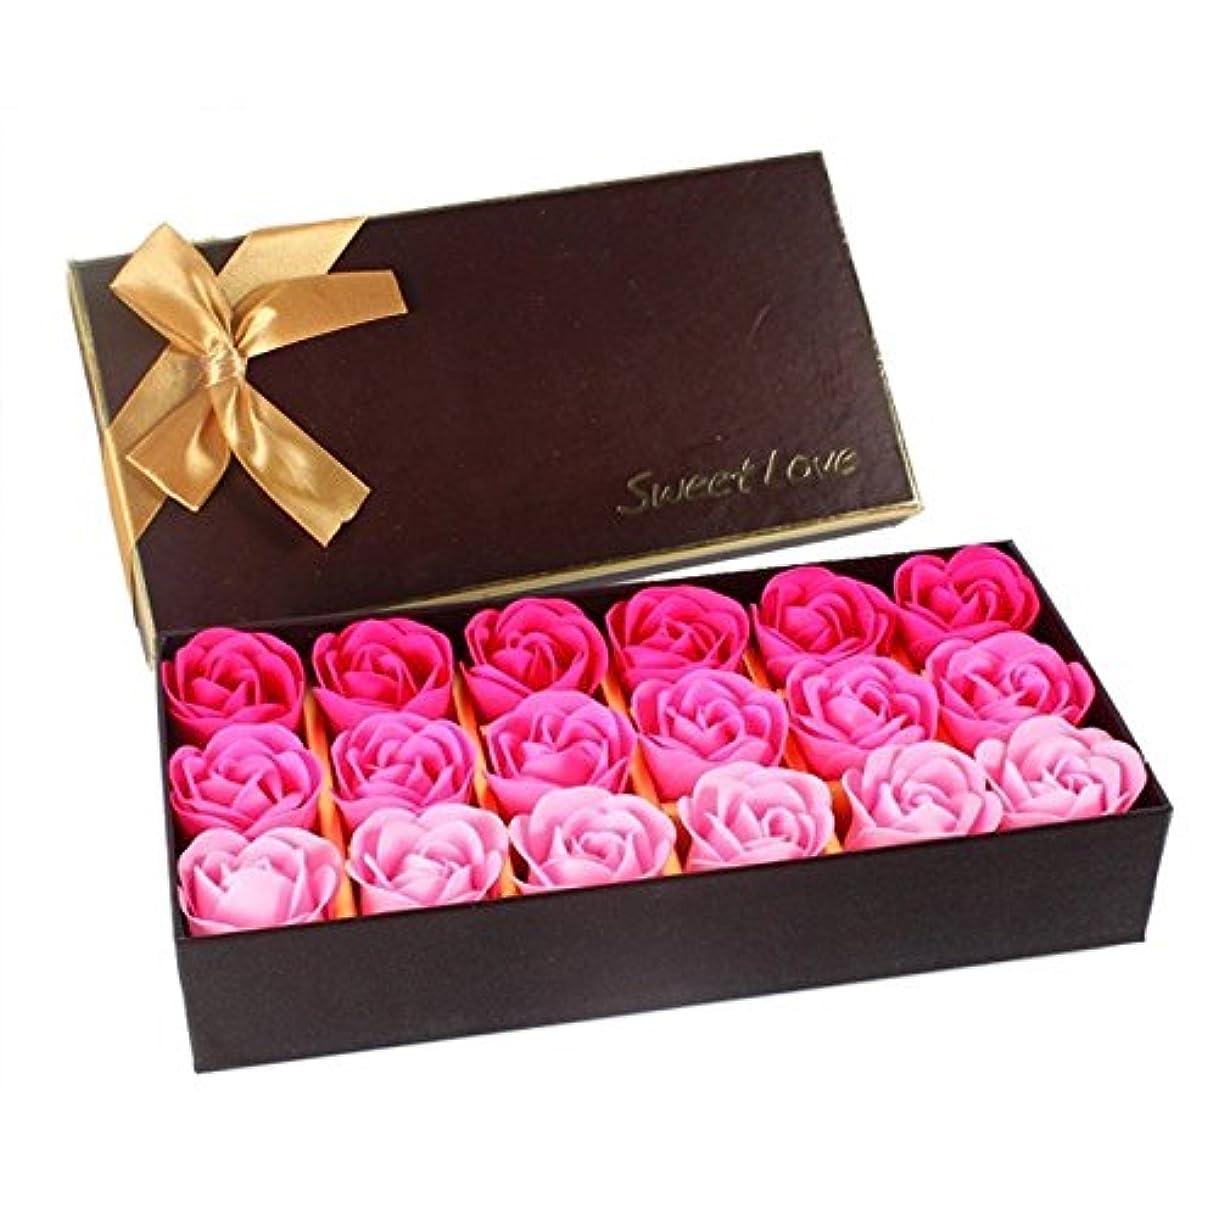 変化するスプレー最初にローズ フラワーソープ 石鹸 薔薇 プレゼント お祝い ① #333